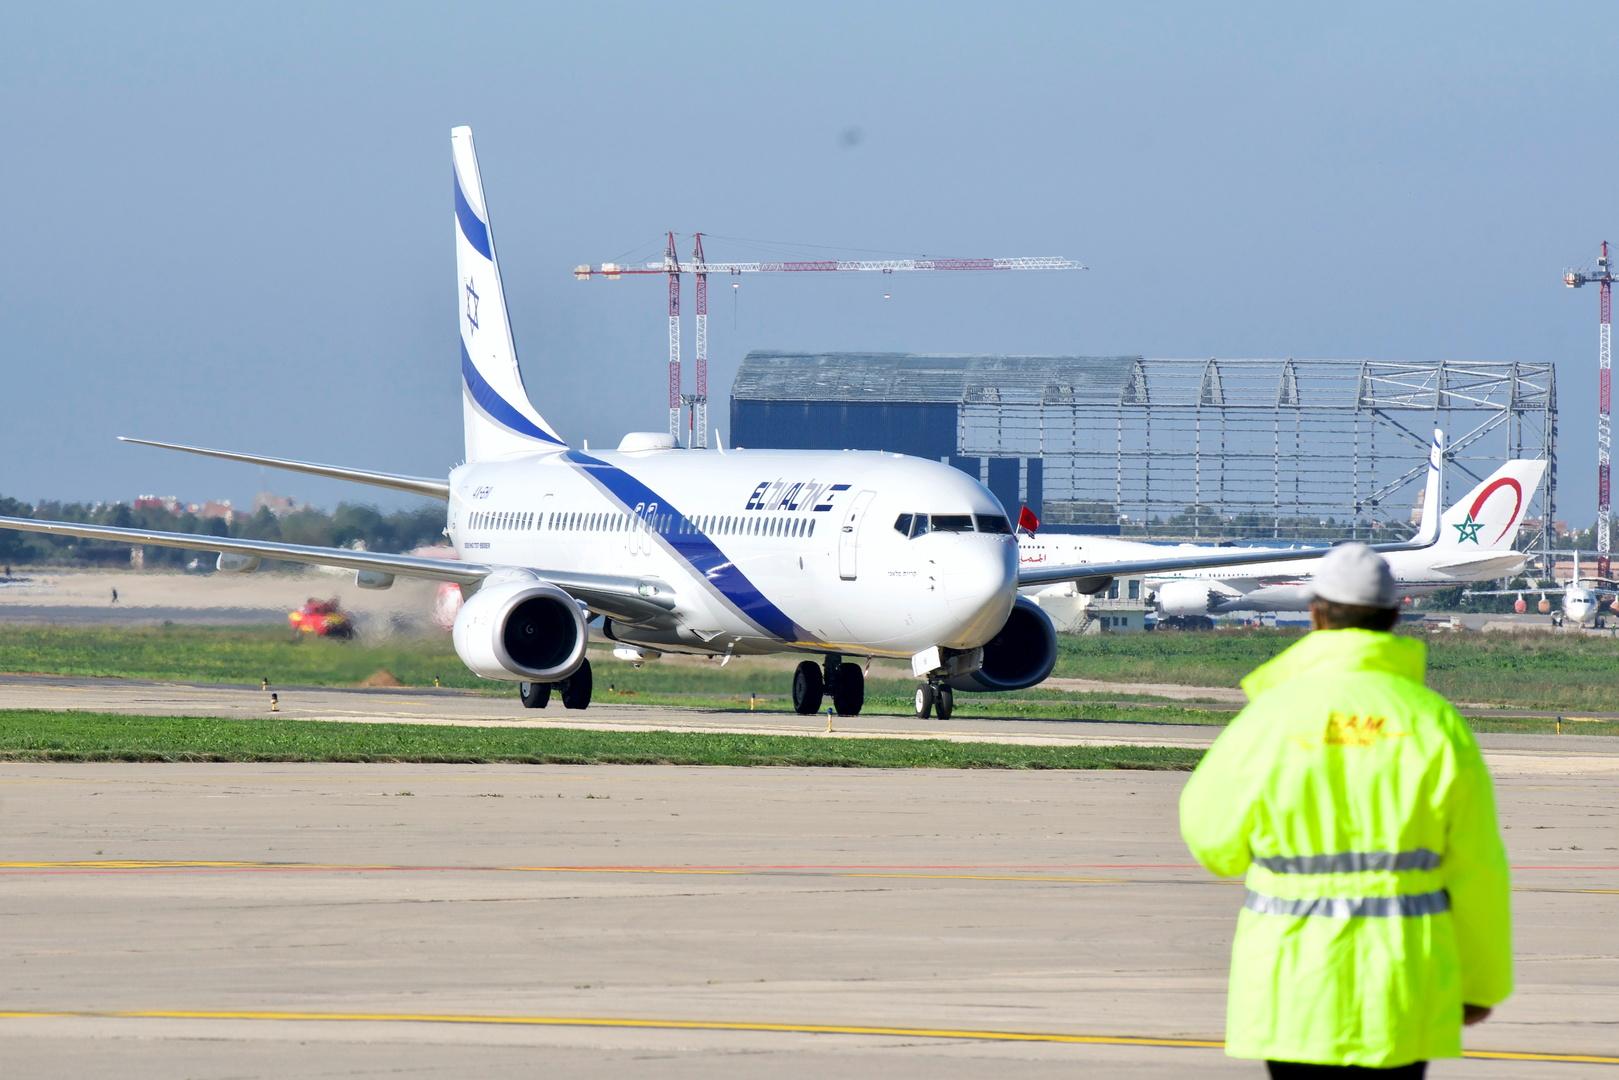 إحدى طائرات شركة العالل في مطار الرباط بالمغرب.